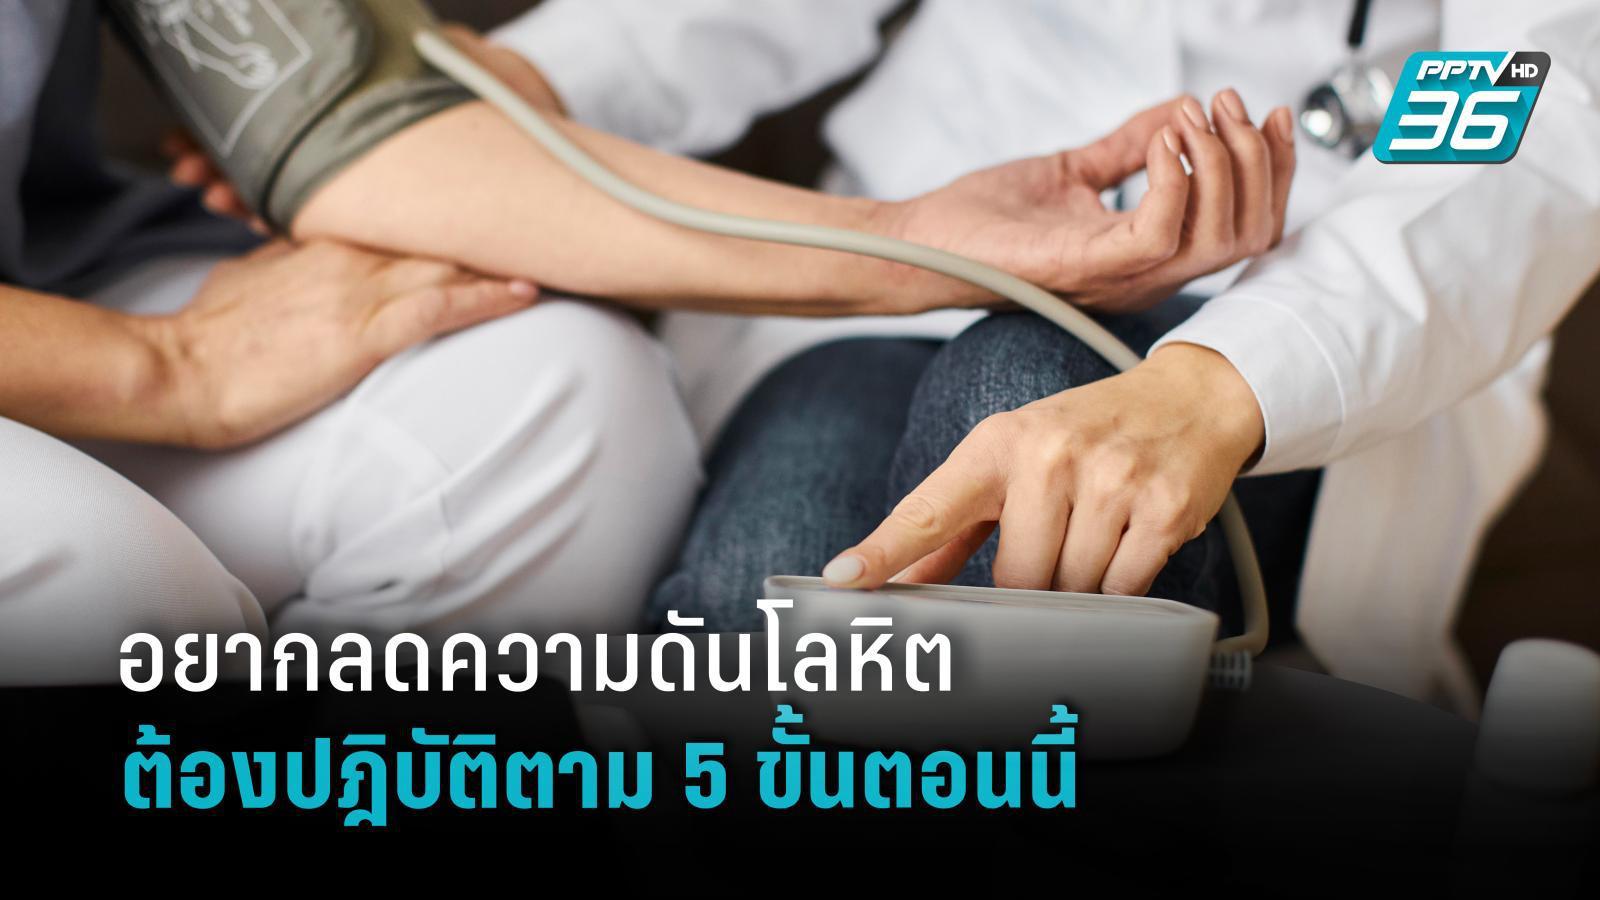 คนเป็นโรคความดันโลหิตสูง ต้องปรับพฤติกรรมทำตาม 5 วิธีนี้ ช่วยลดความดันได้